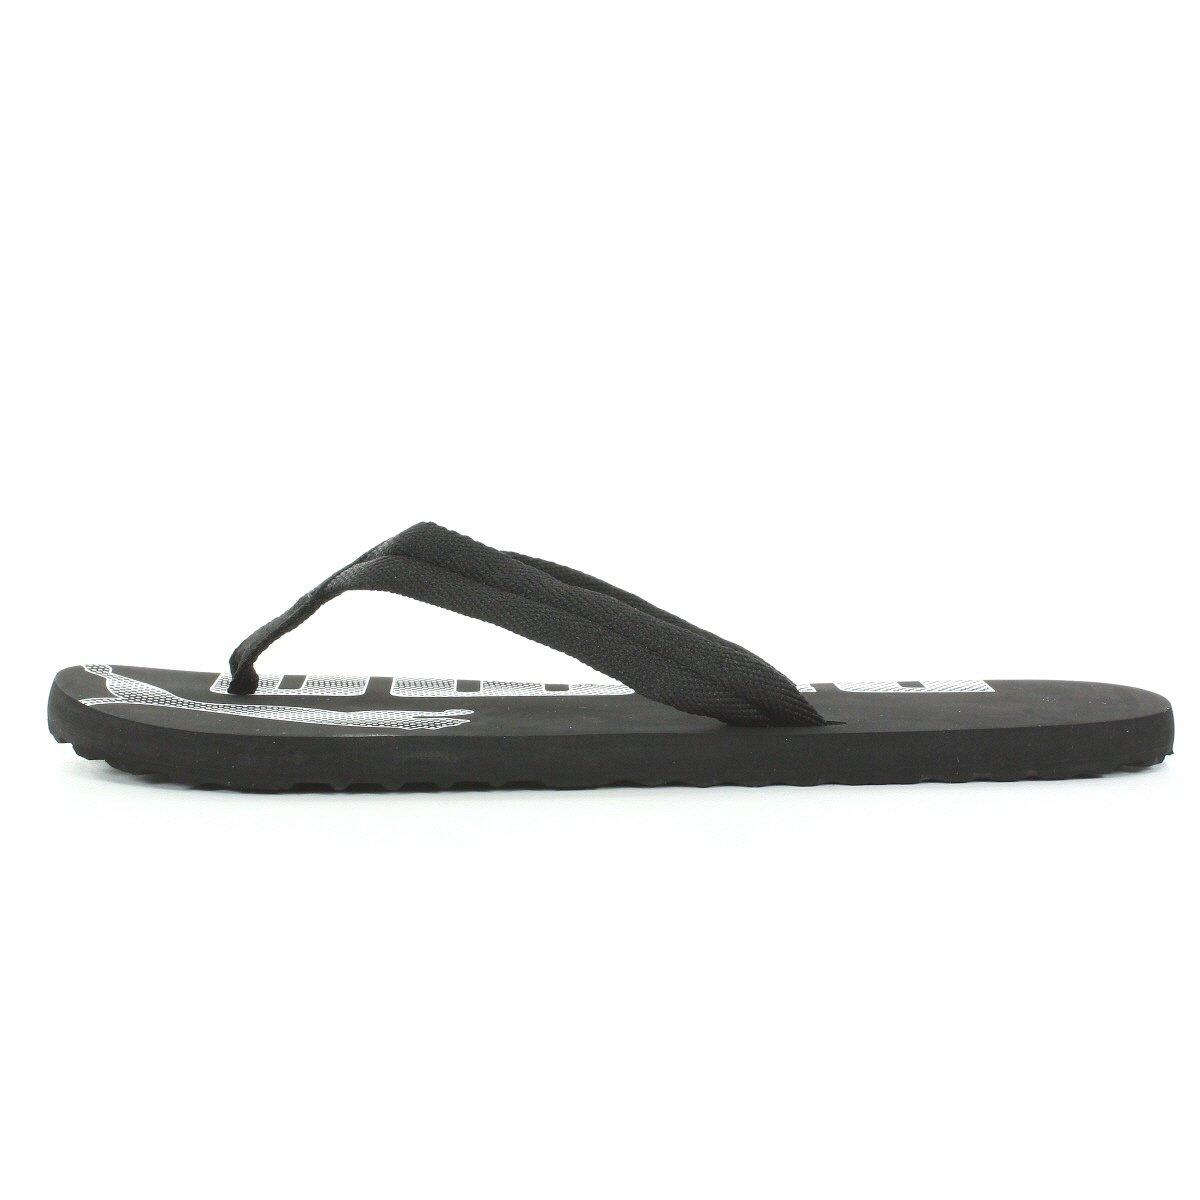 b149778a72e3 Puma Girls  353025 Flip Flop Black Size  3.5  Amazon.co.uk  Shoes   Bags